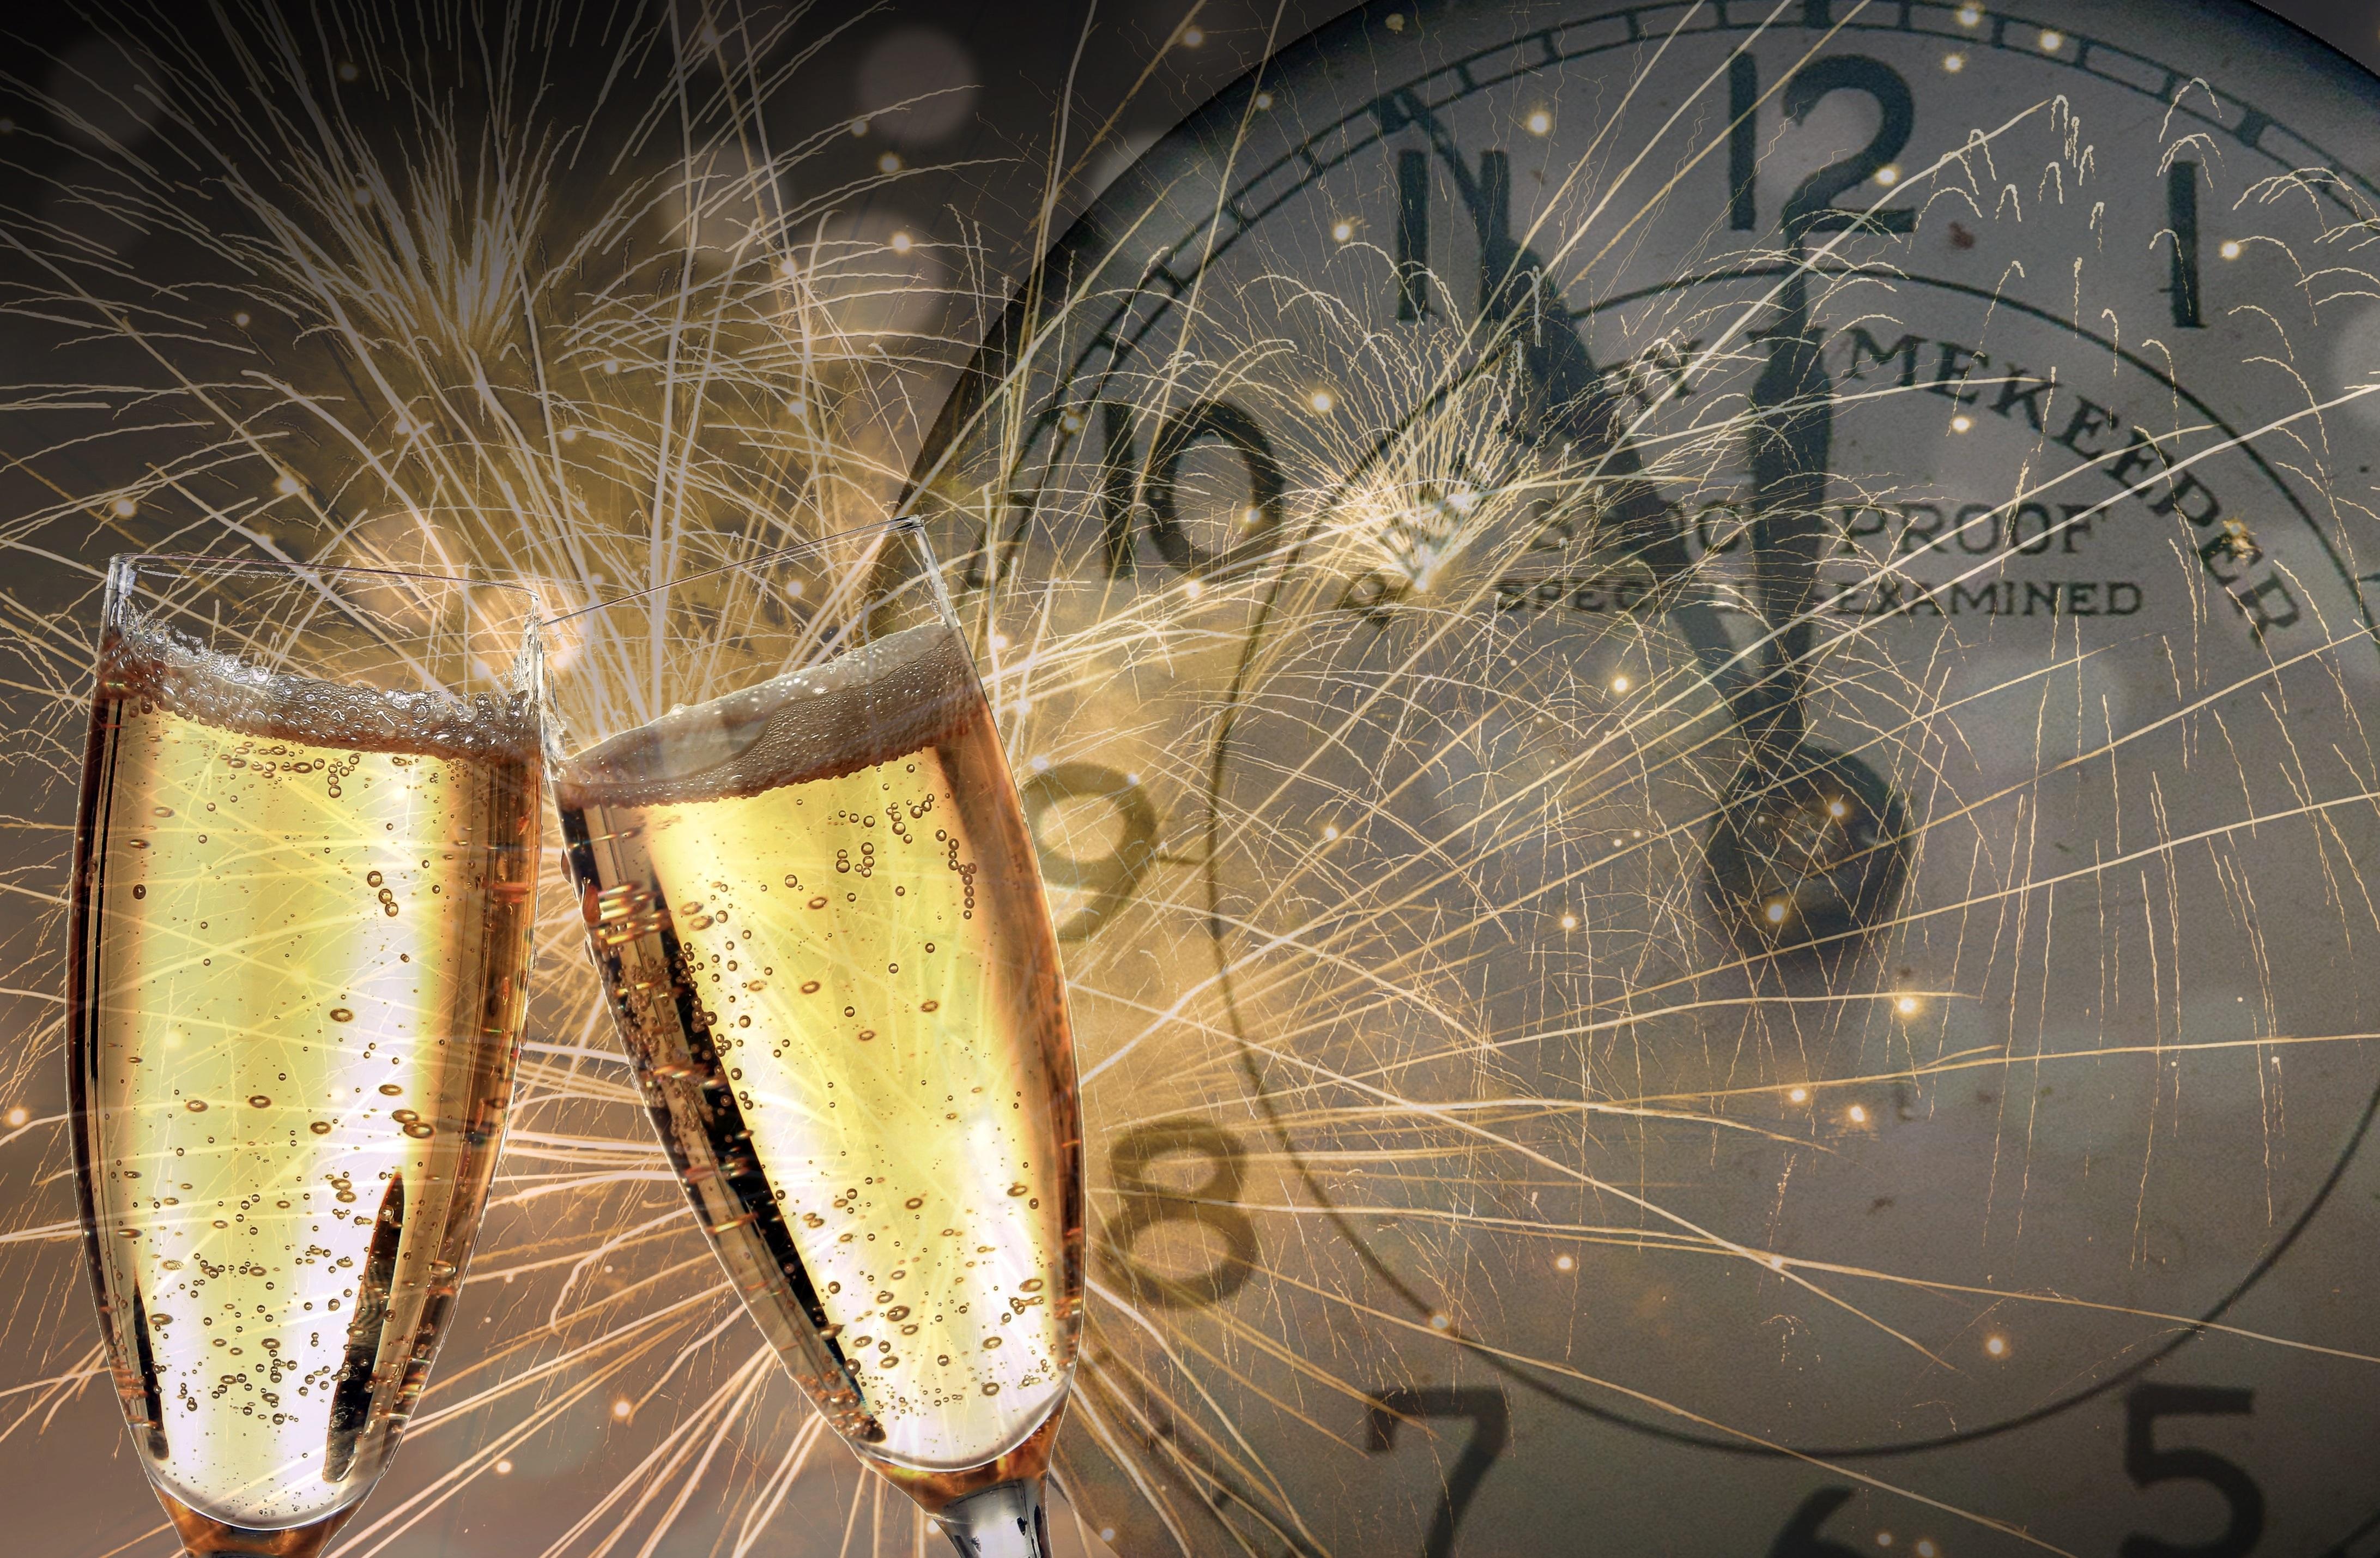 New years eve 3891889 original 363508